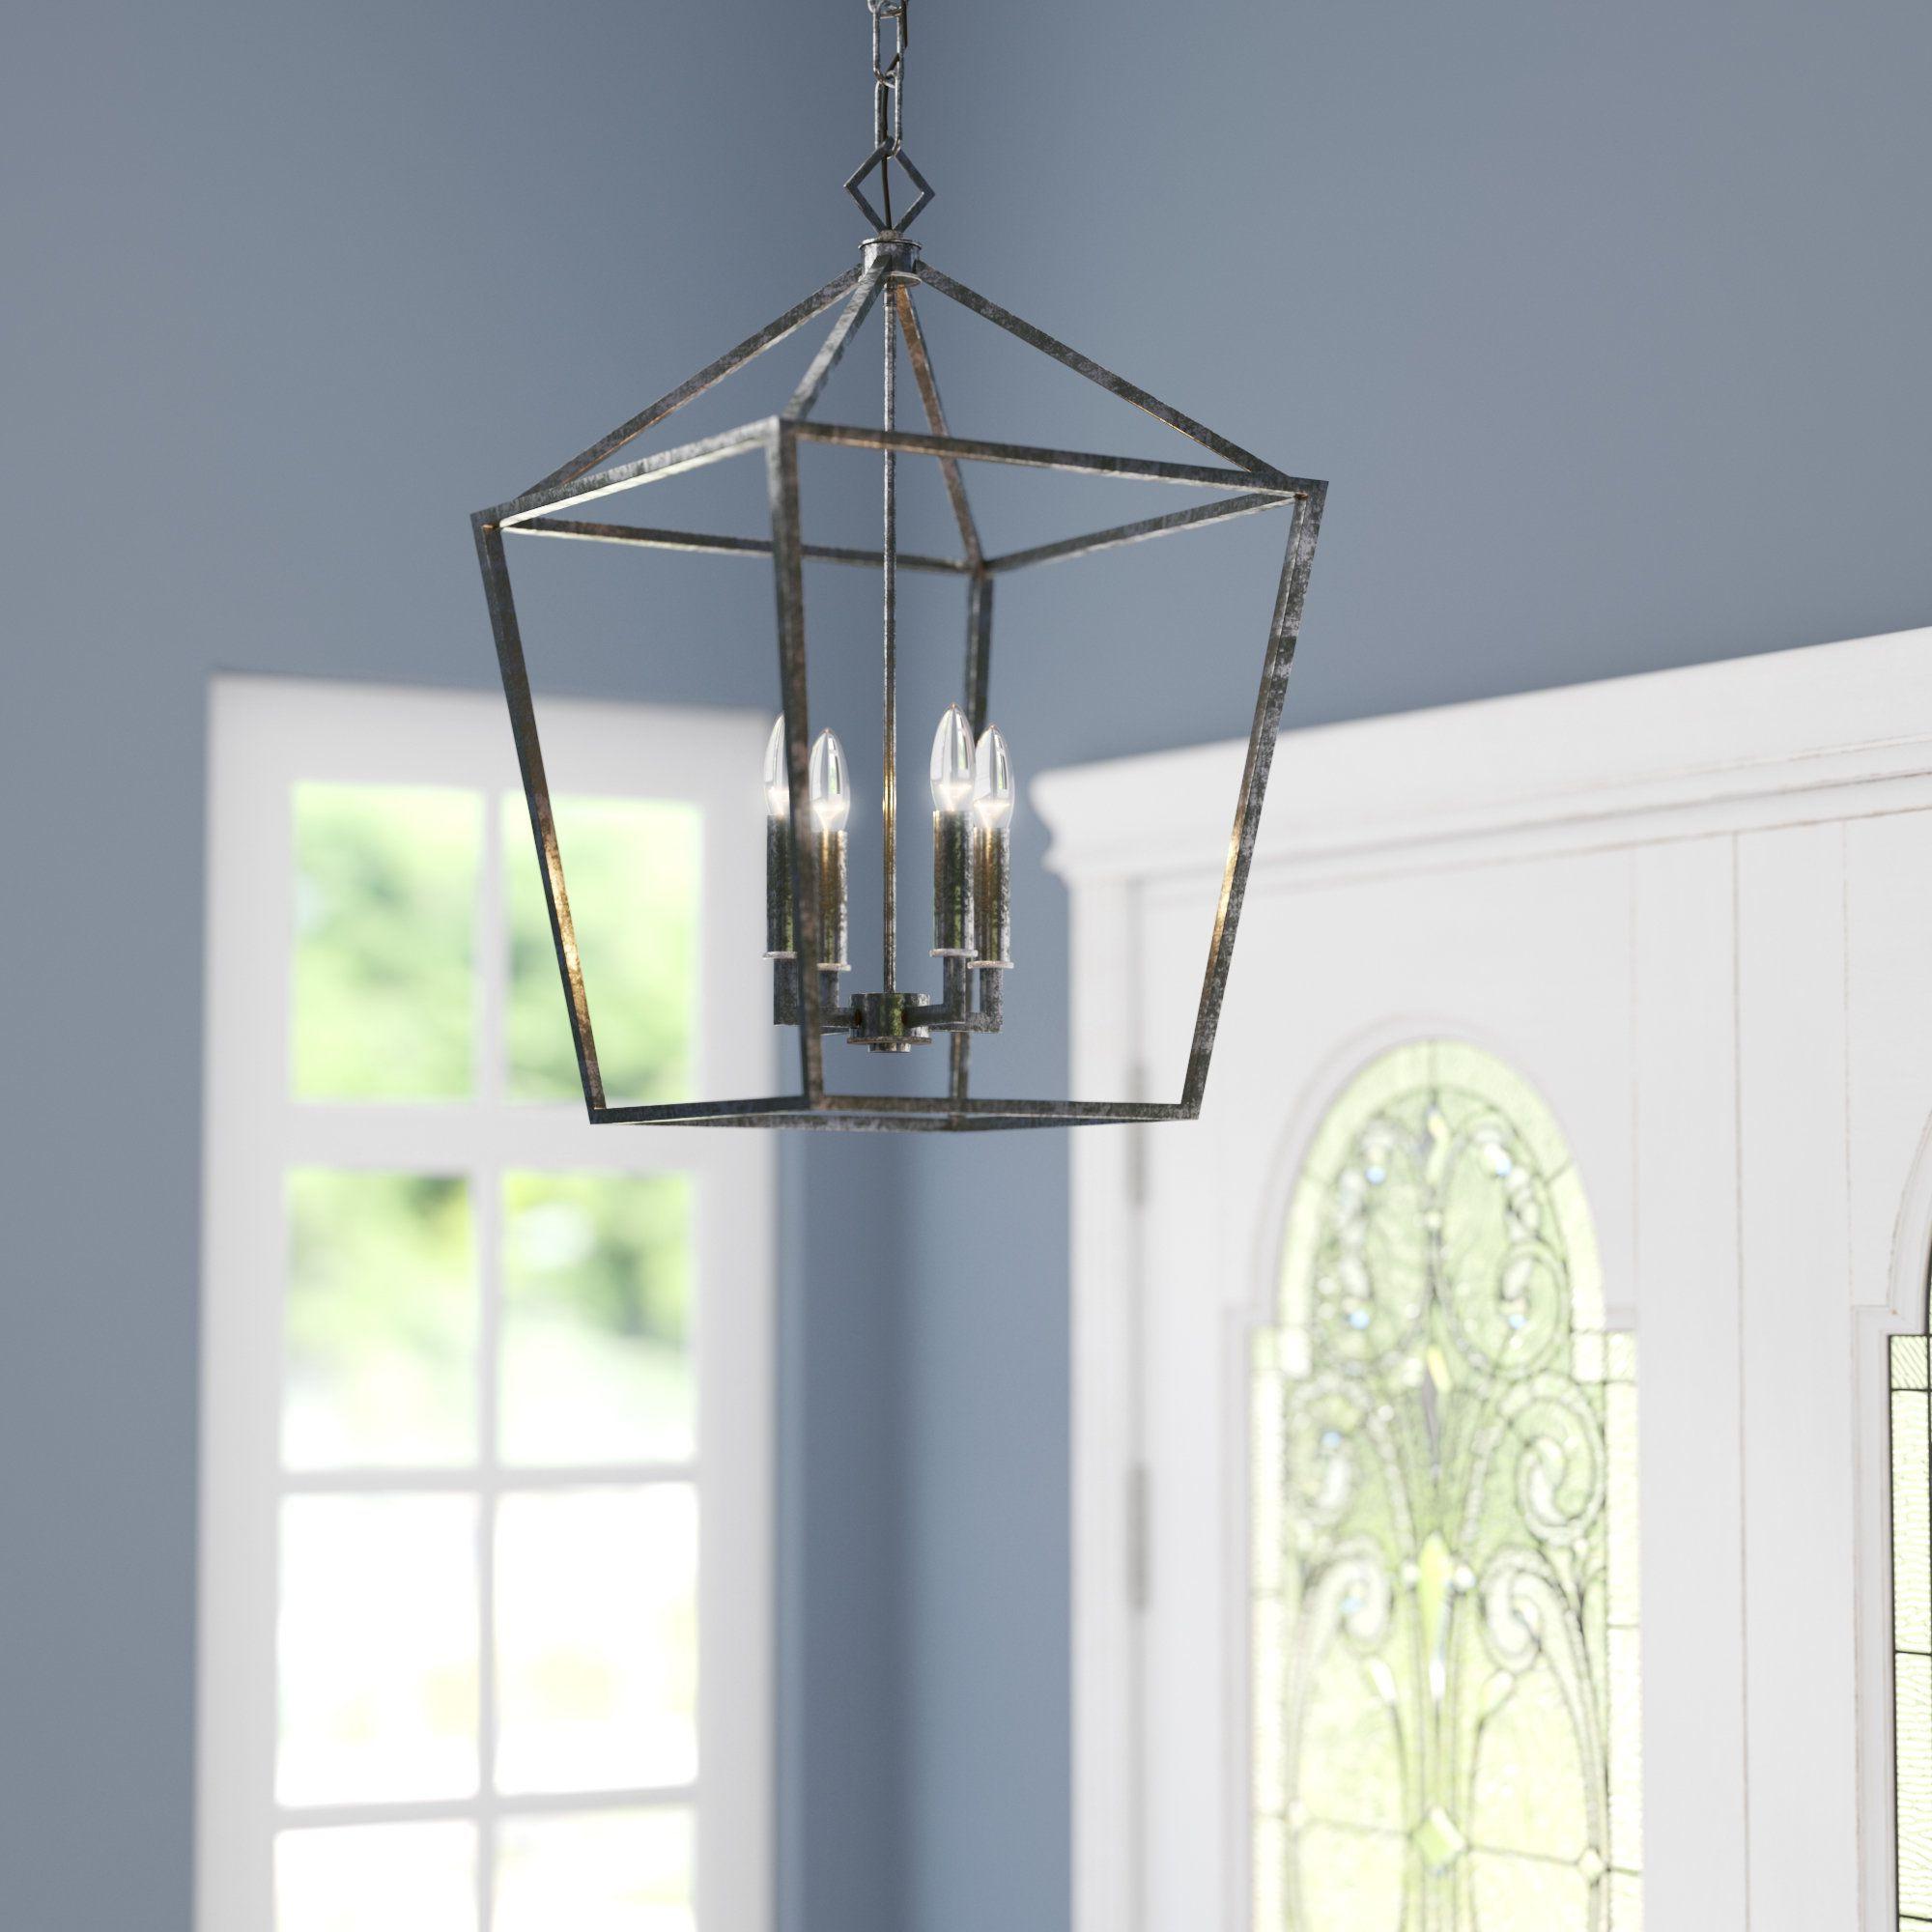 Varnum 4 Light Lantern Pendants Intended For 2020 Varnum 4 Light Foyer Pendant (View 16 of 20)